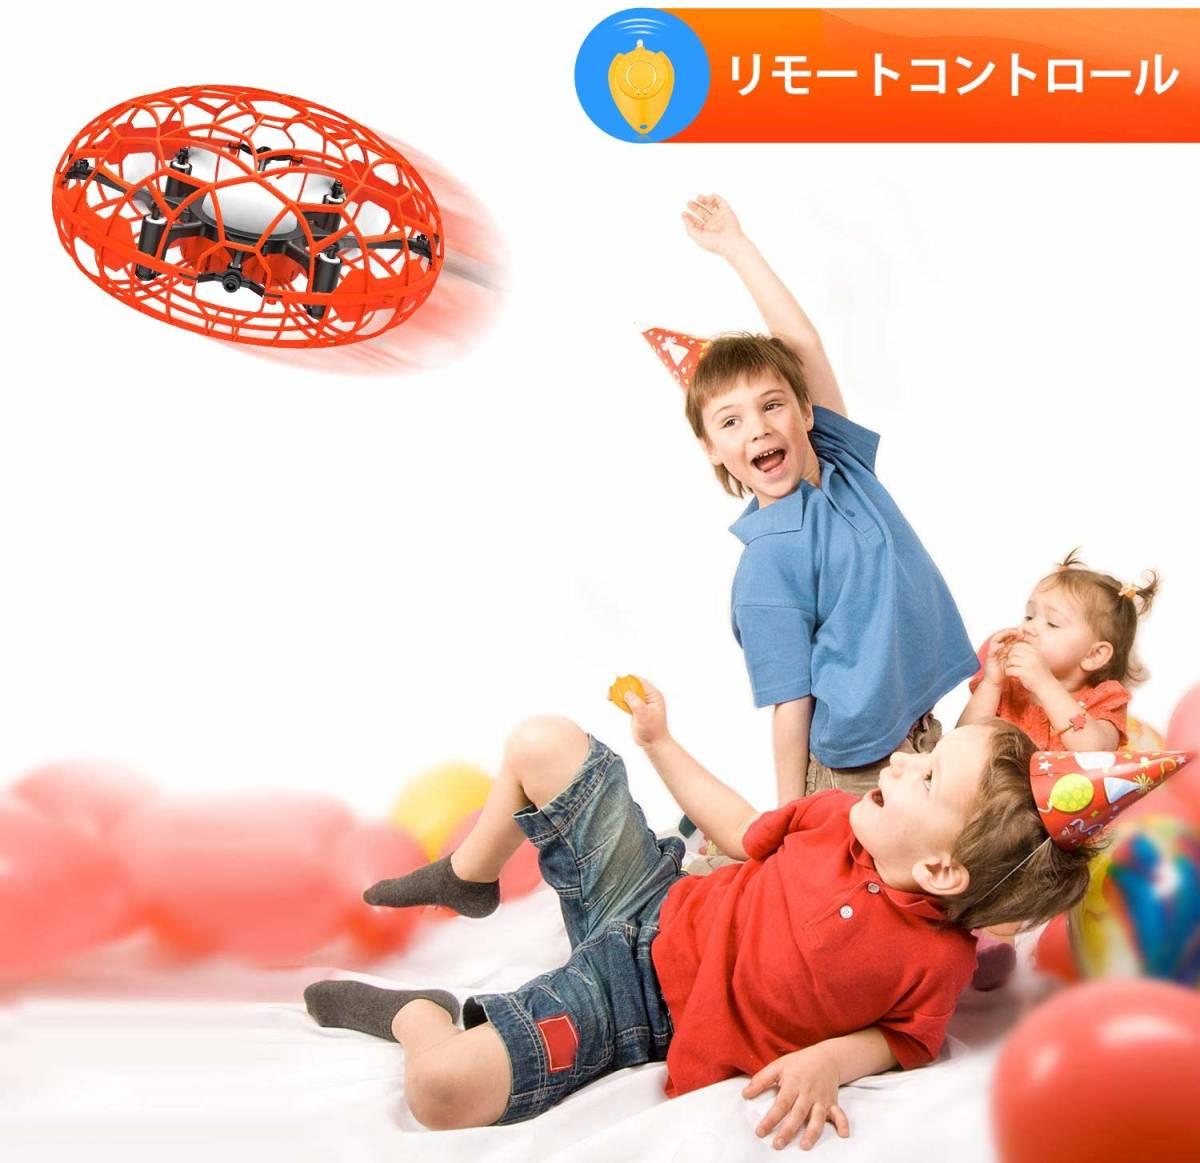 即決★新品未開封★2019年最新!ドローン 子供用 初心者 360°回転 高度維持 日本語説明書付き 衝撃防止 ケガ防止 おもちゃ ラジコン_画像2